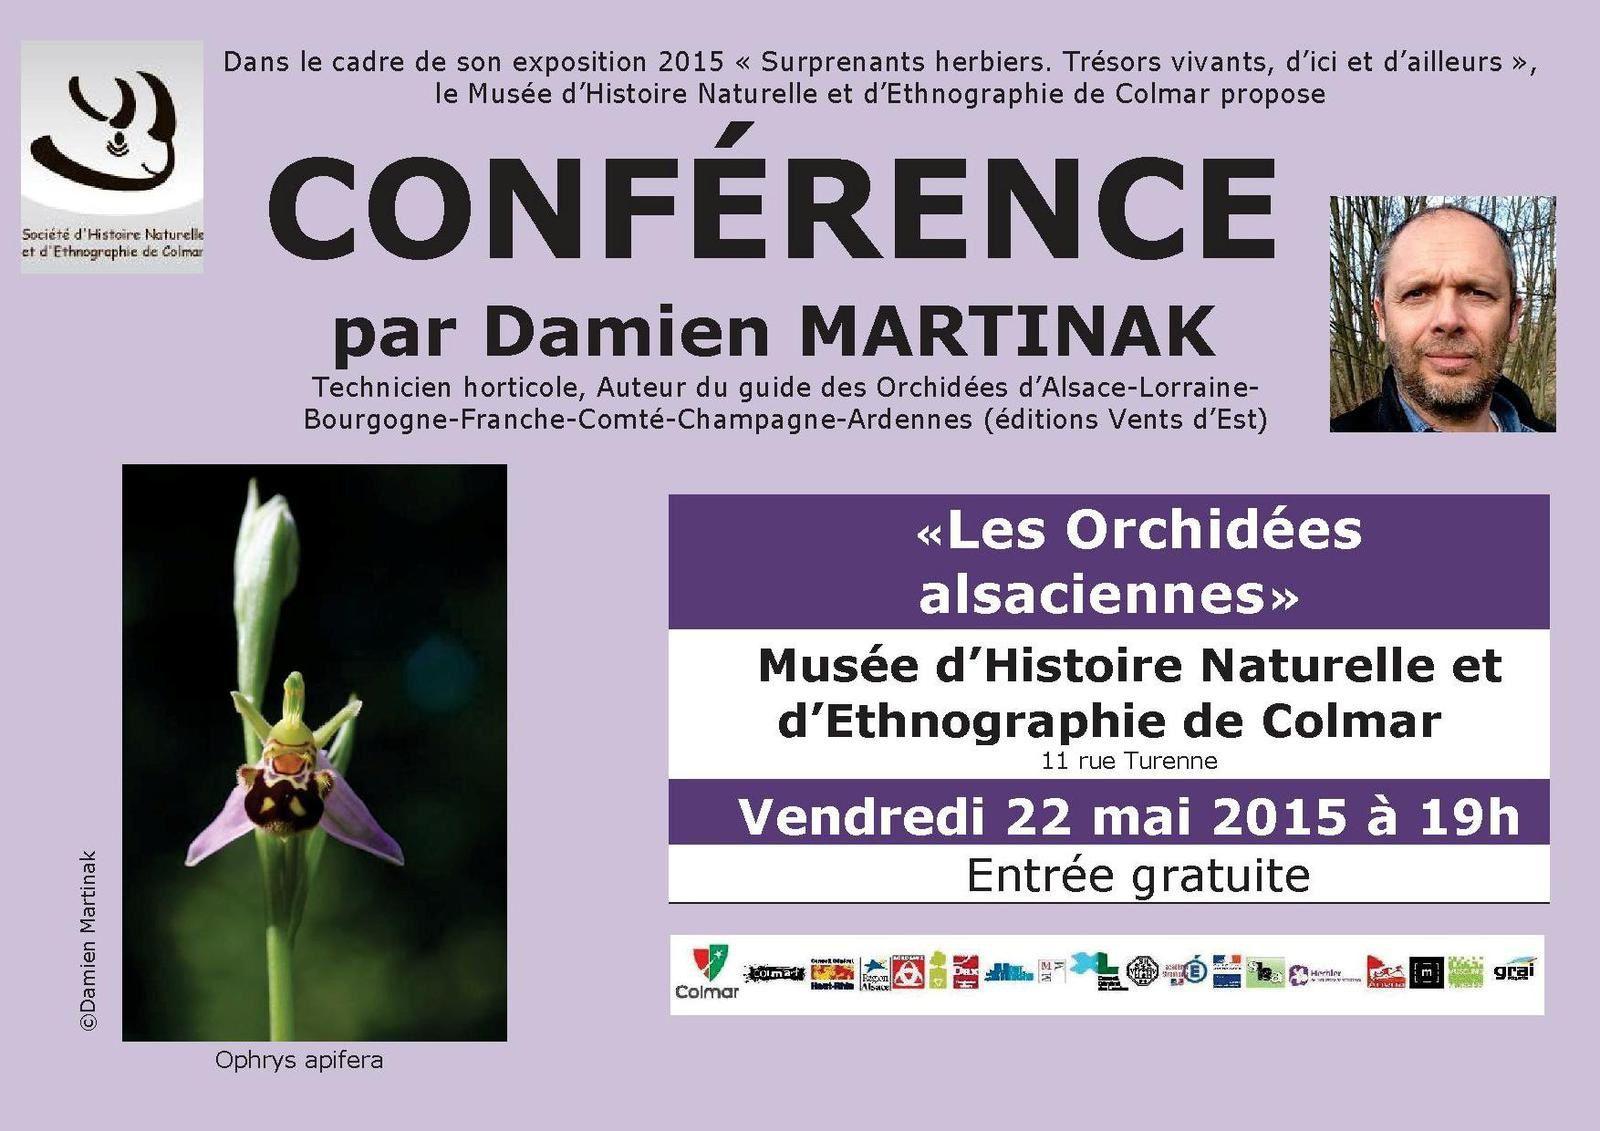 Vendredi 22, dimanche 24 mai - Au Muséum d'Histoire naturelle de Colmar